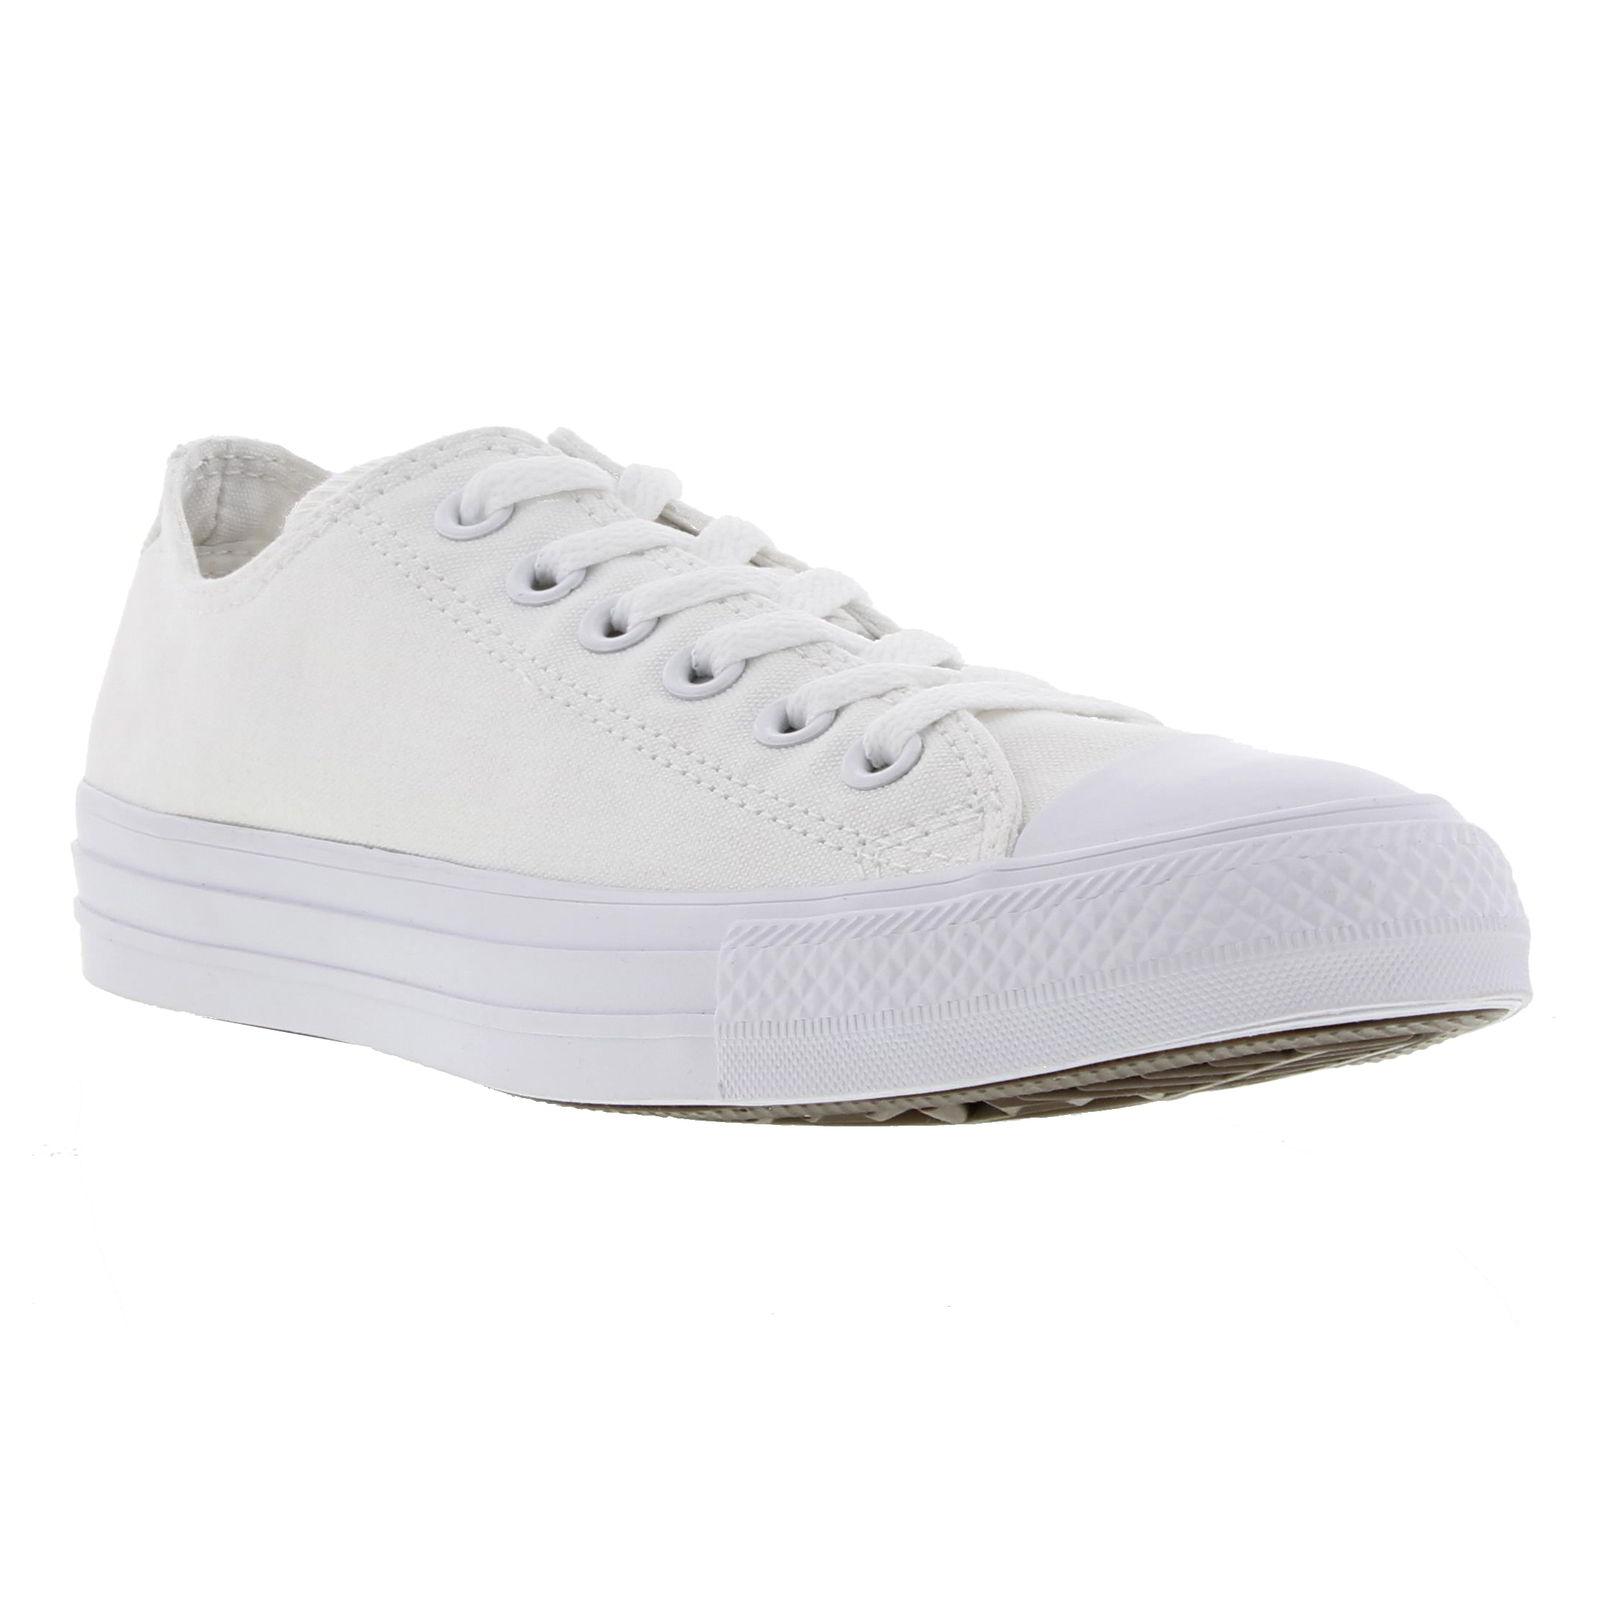 8ce2ca8d4 Detalles de Converse Chuck Taylor All Star Ox Blanco Lona Zapatos Oxford  Tenis De Entrenamiento Talla 4-10- ver título original